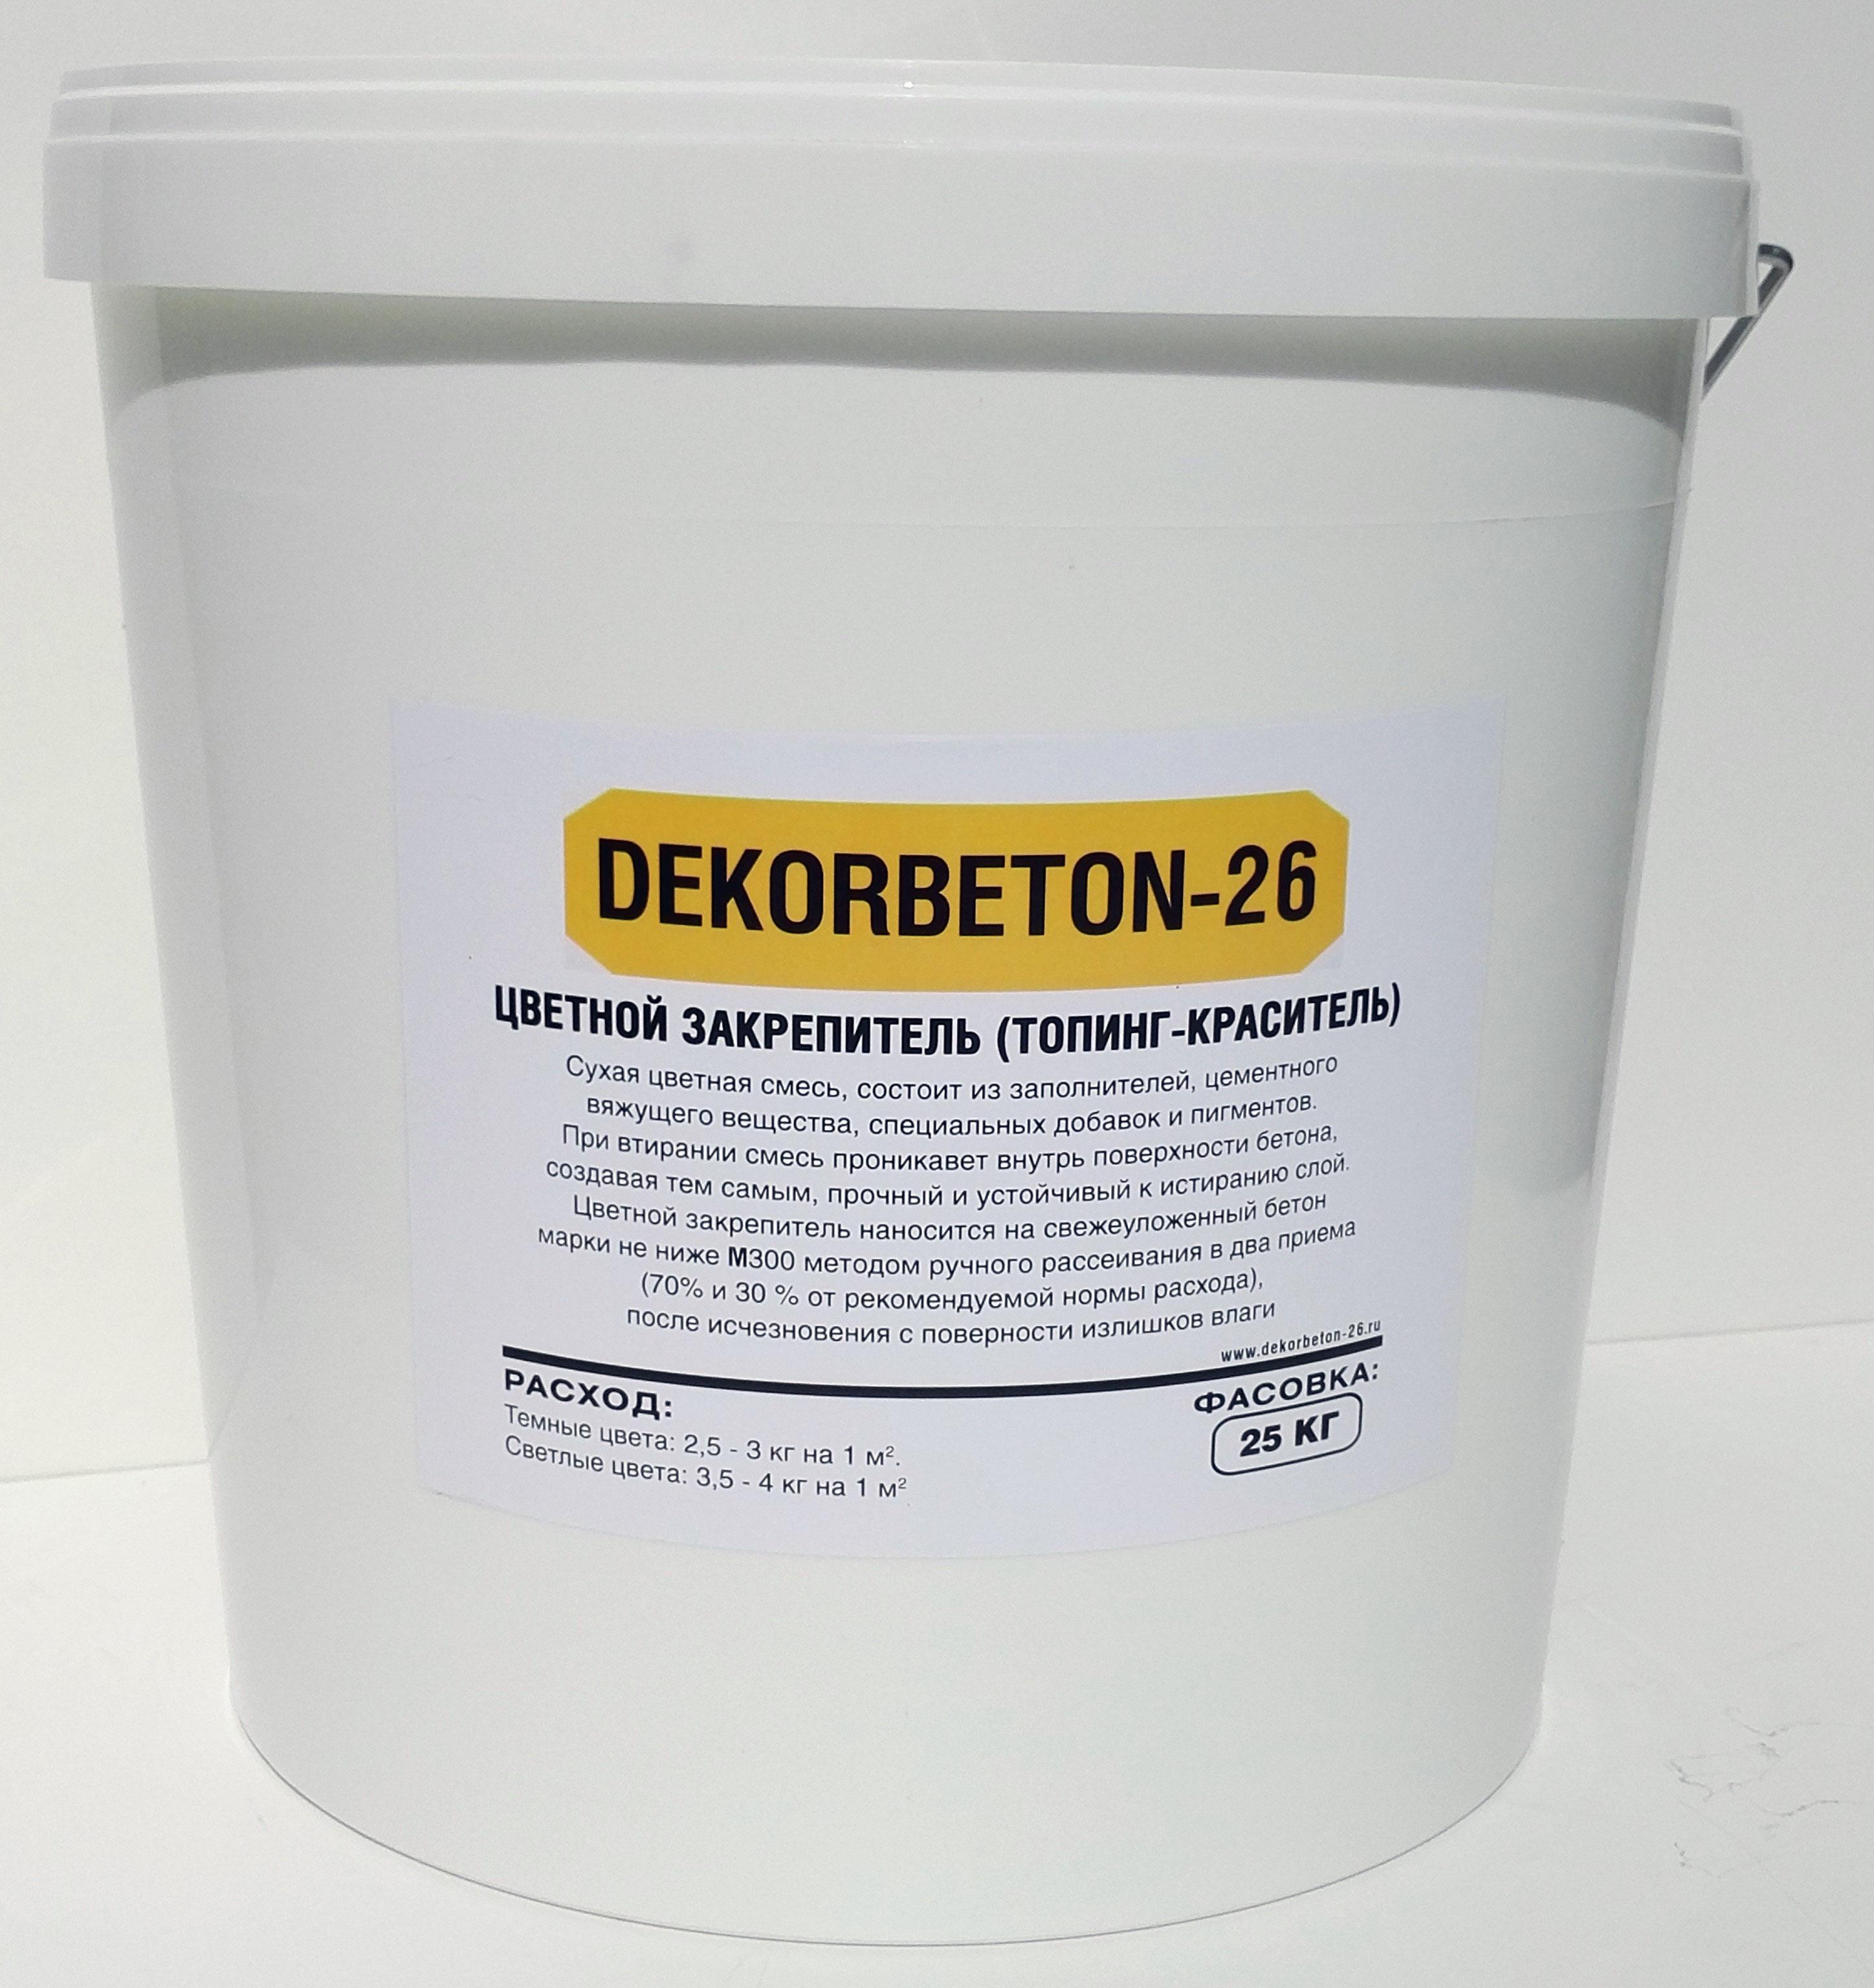 Цветной отвердитель для печатного бетона купить купить штампы для бетона в рязани